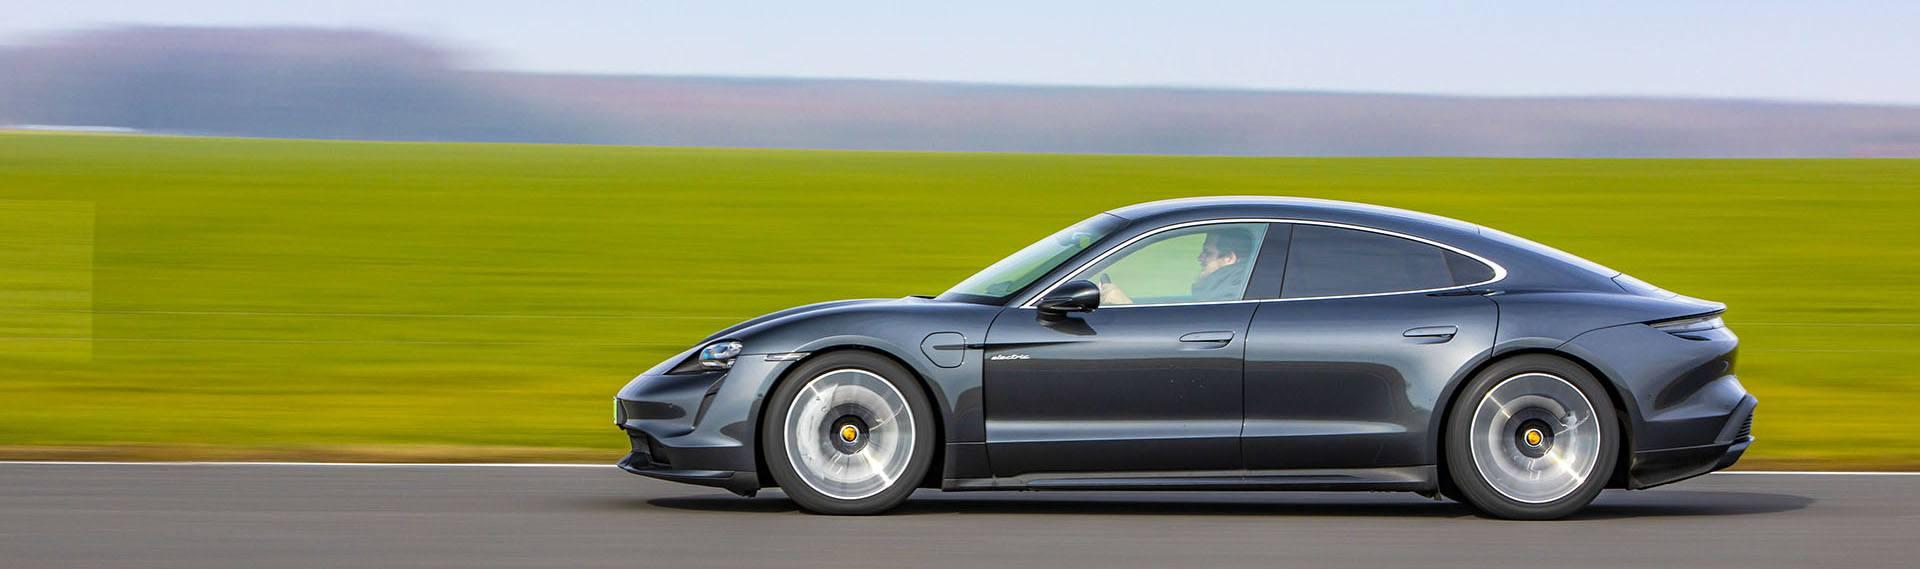 Sylwetka Porsche Taycan – Test Porsche Taycan Turbo